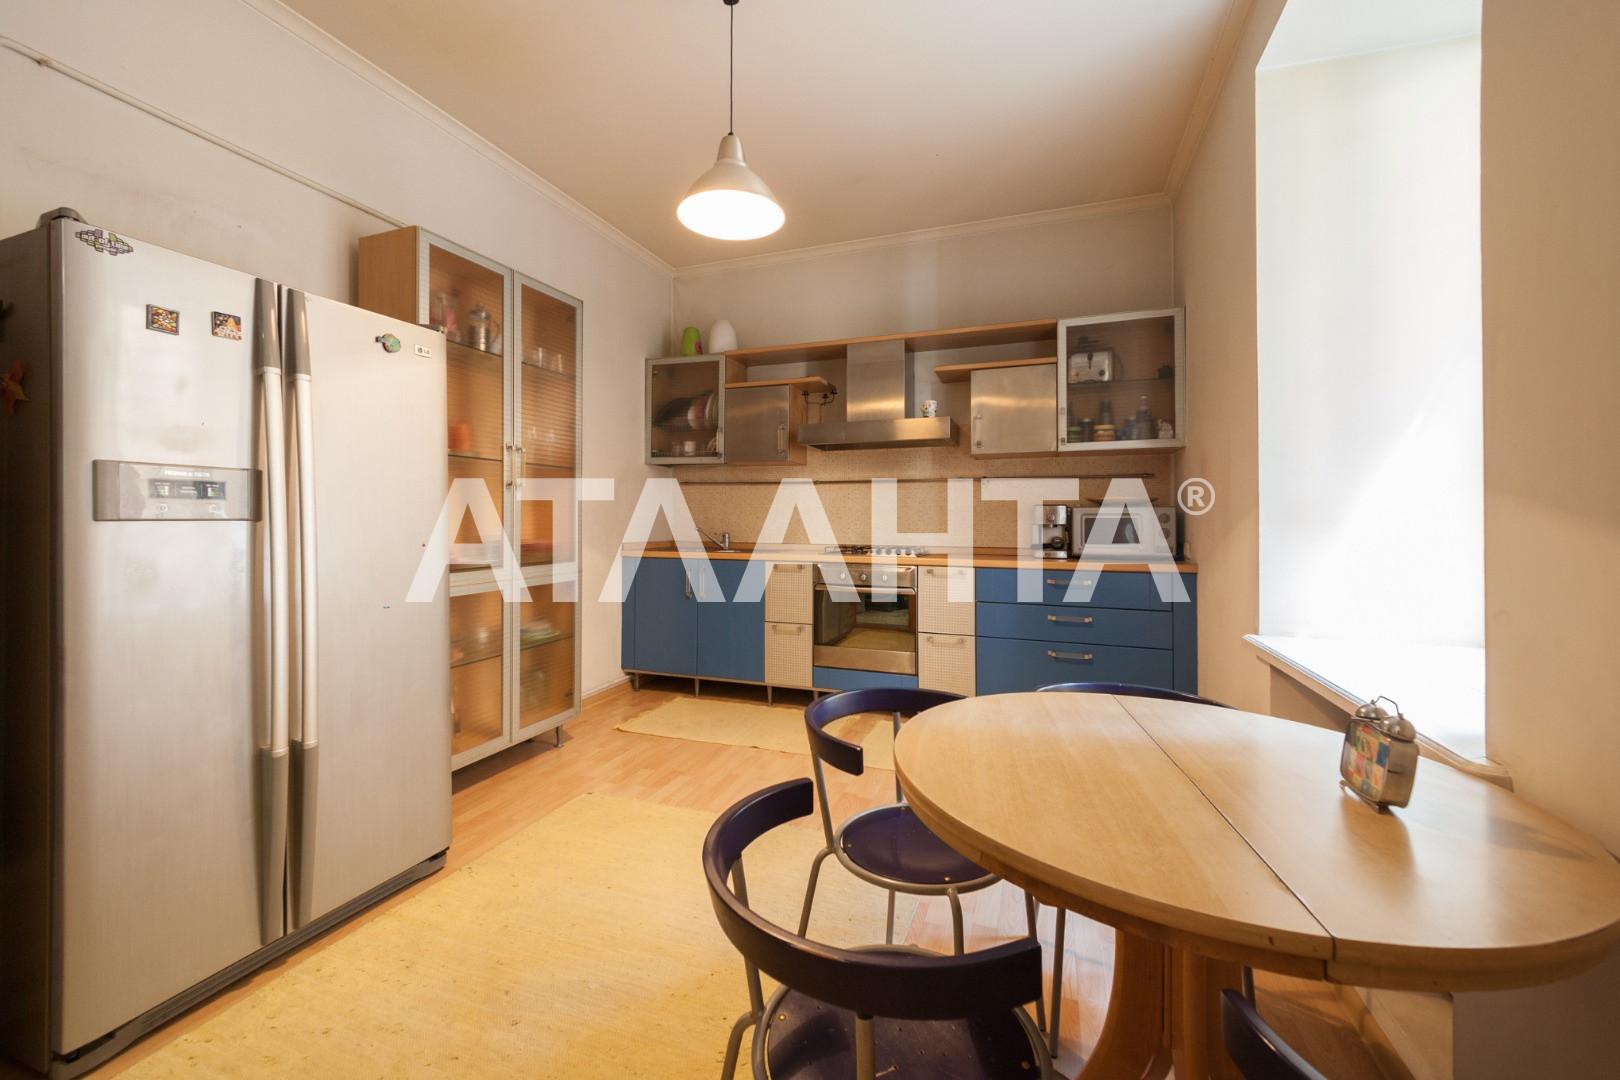 Продается 3-комнатная Квартира на ул. Военный Сп. (Жанны Лябурб Сп.) — 95 000 у.е. (фото №10)